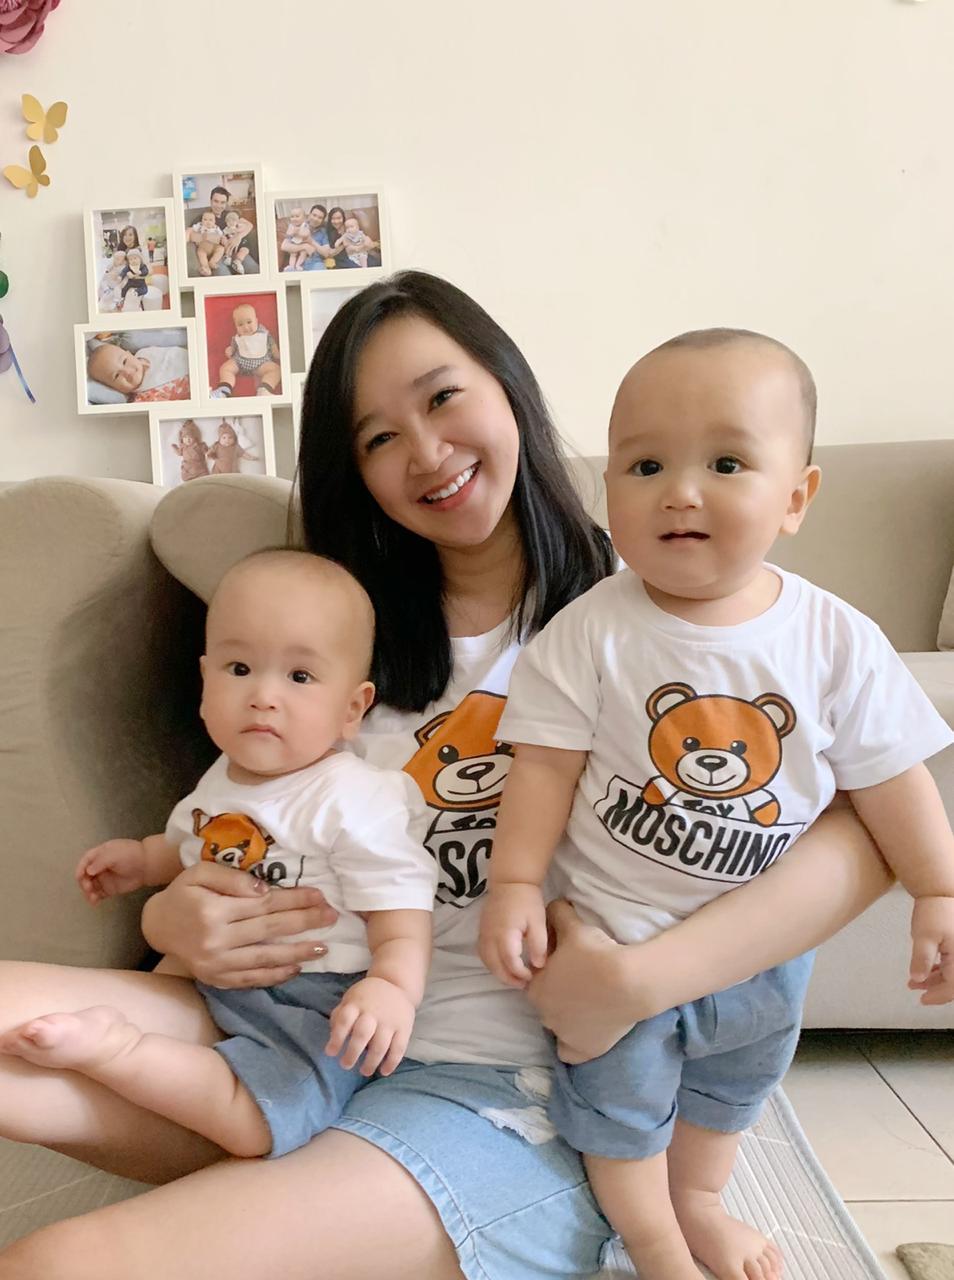 Berhasil Mendapatkan Bayi Kembar Setelah Dua Kali Promil